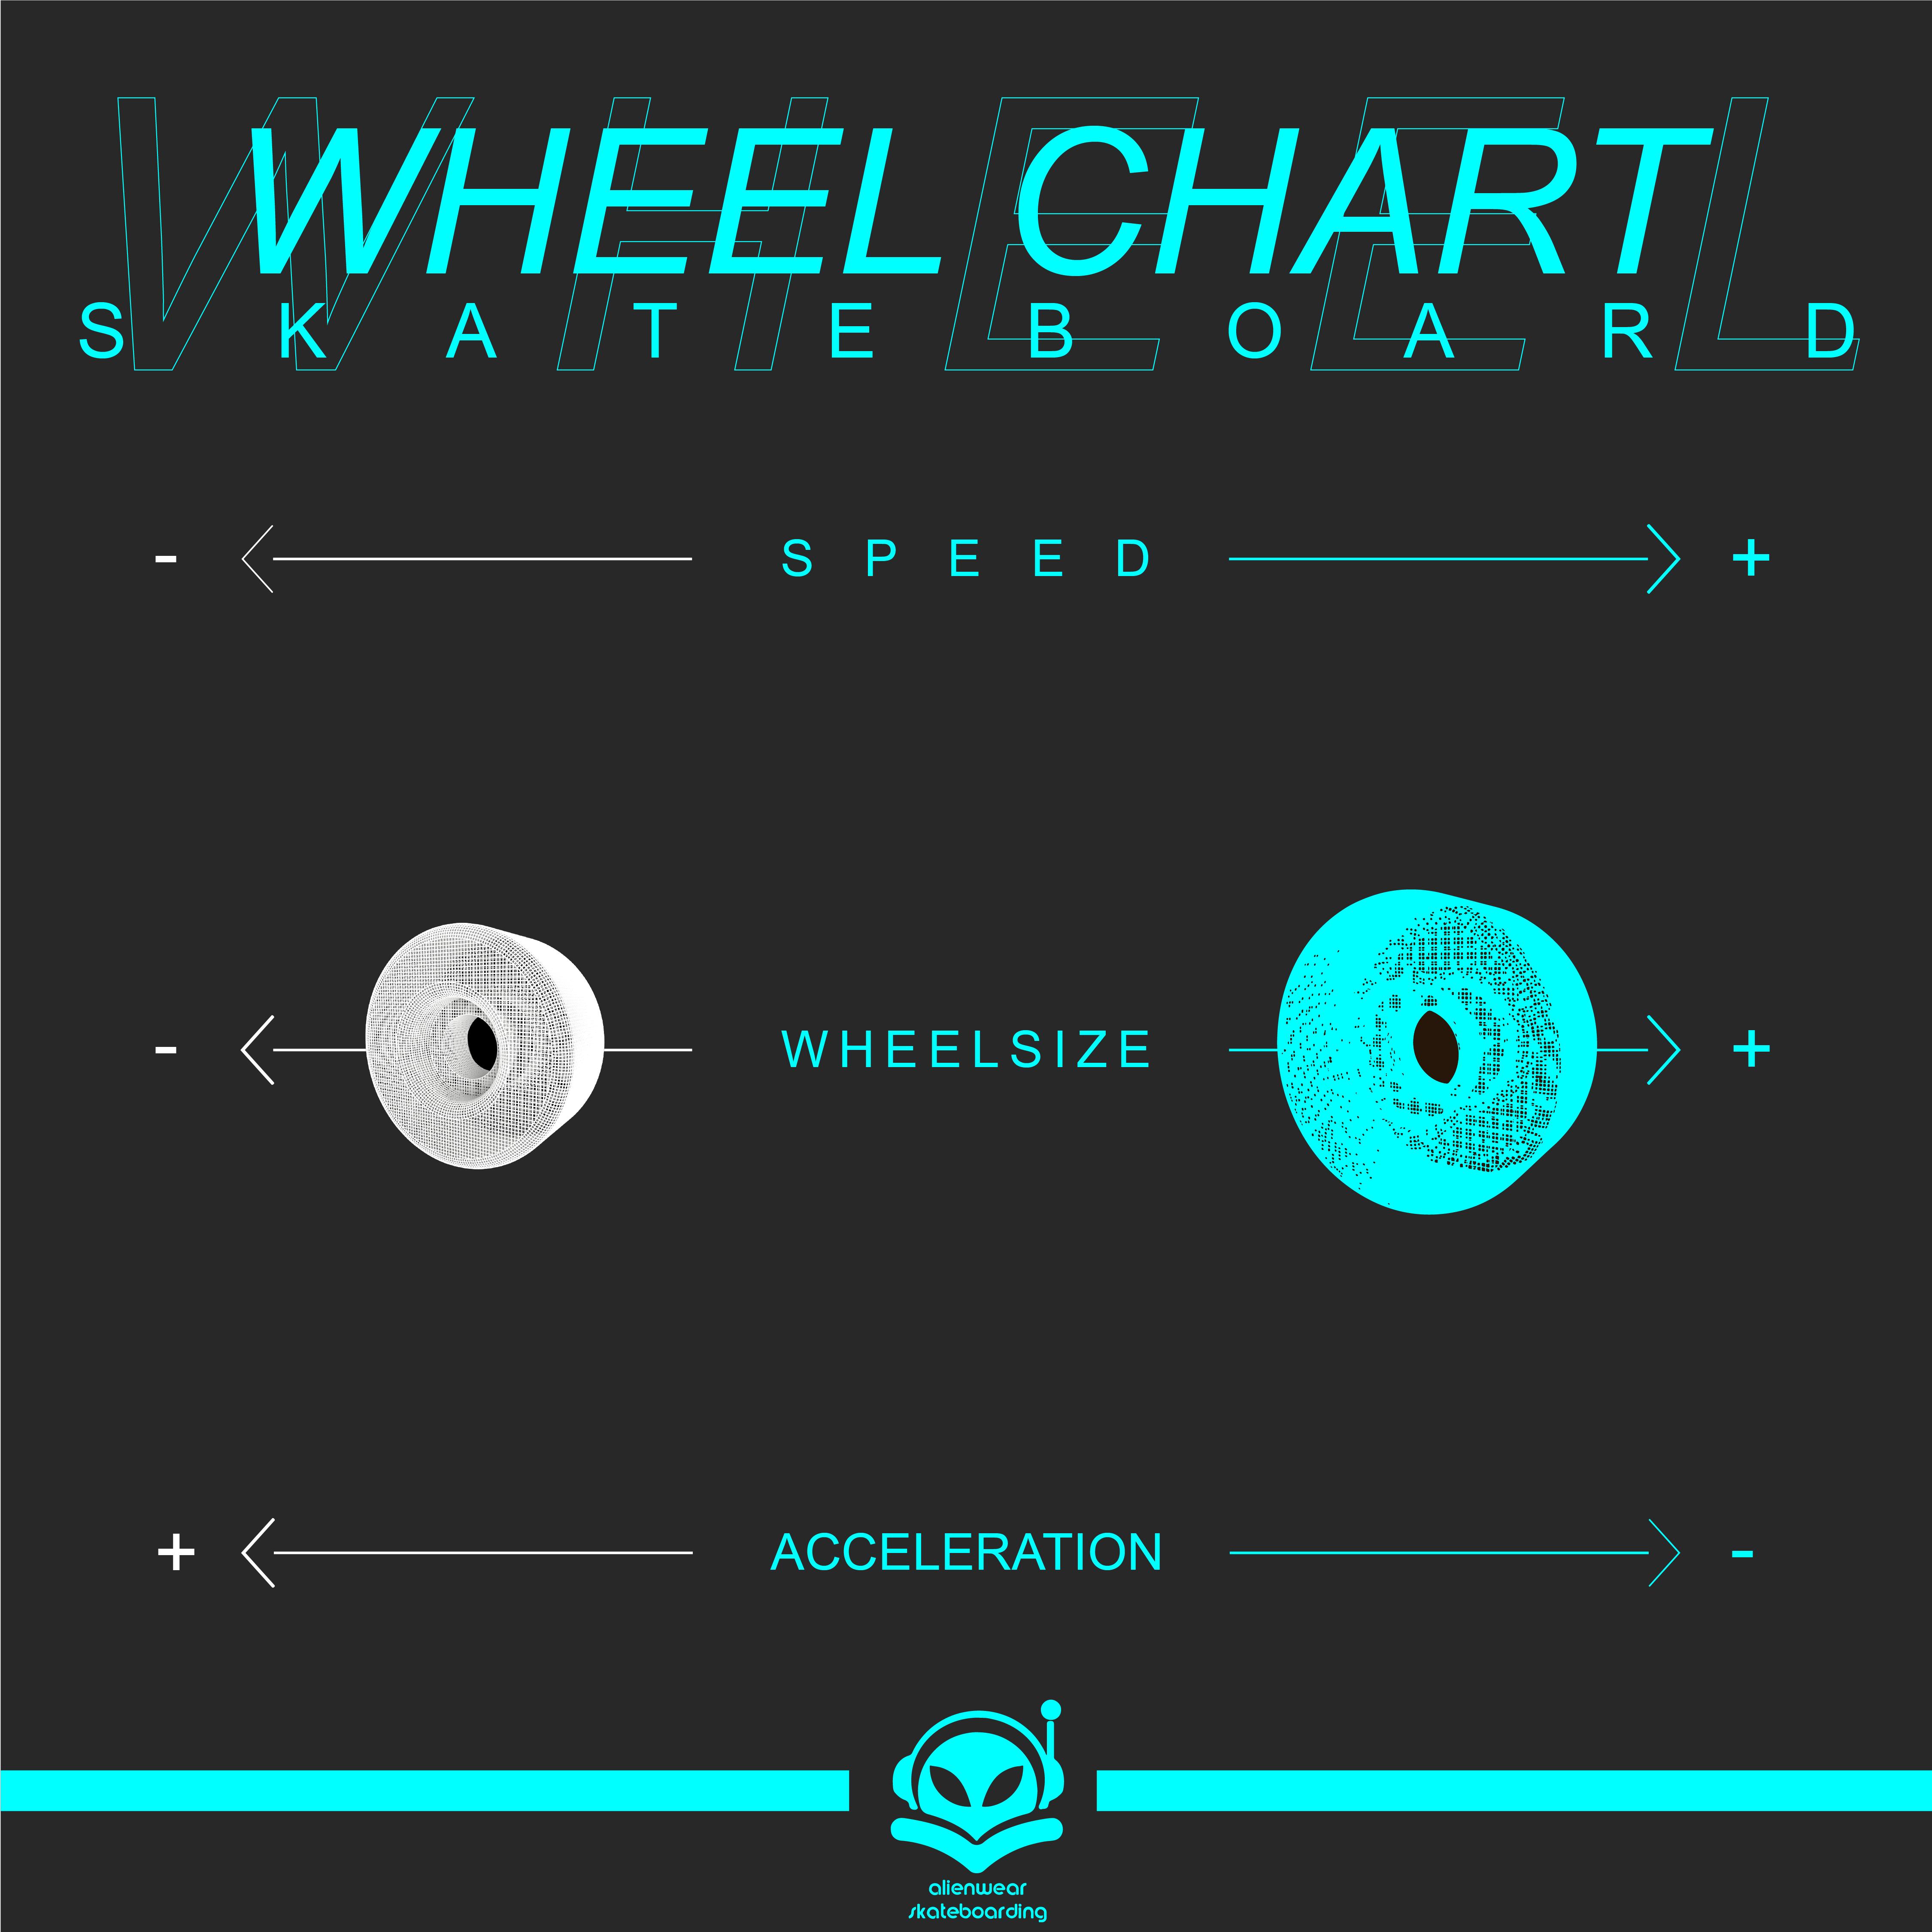 WHEELS CHART